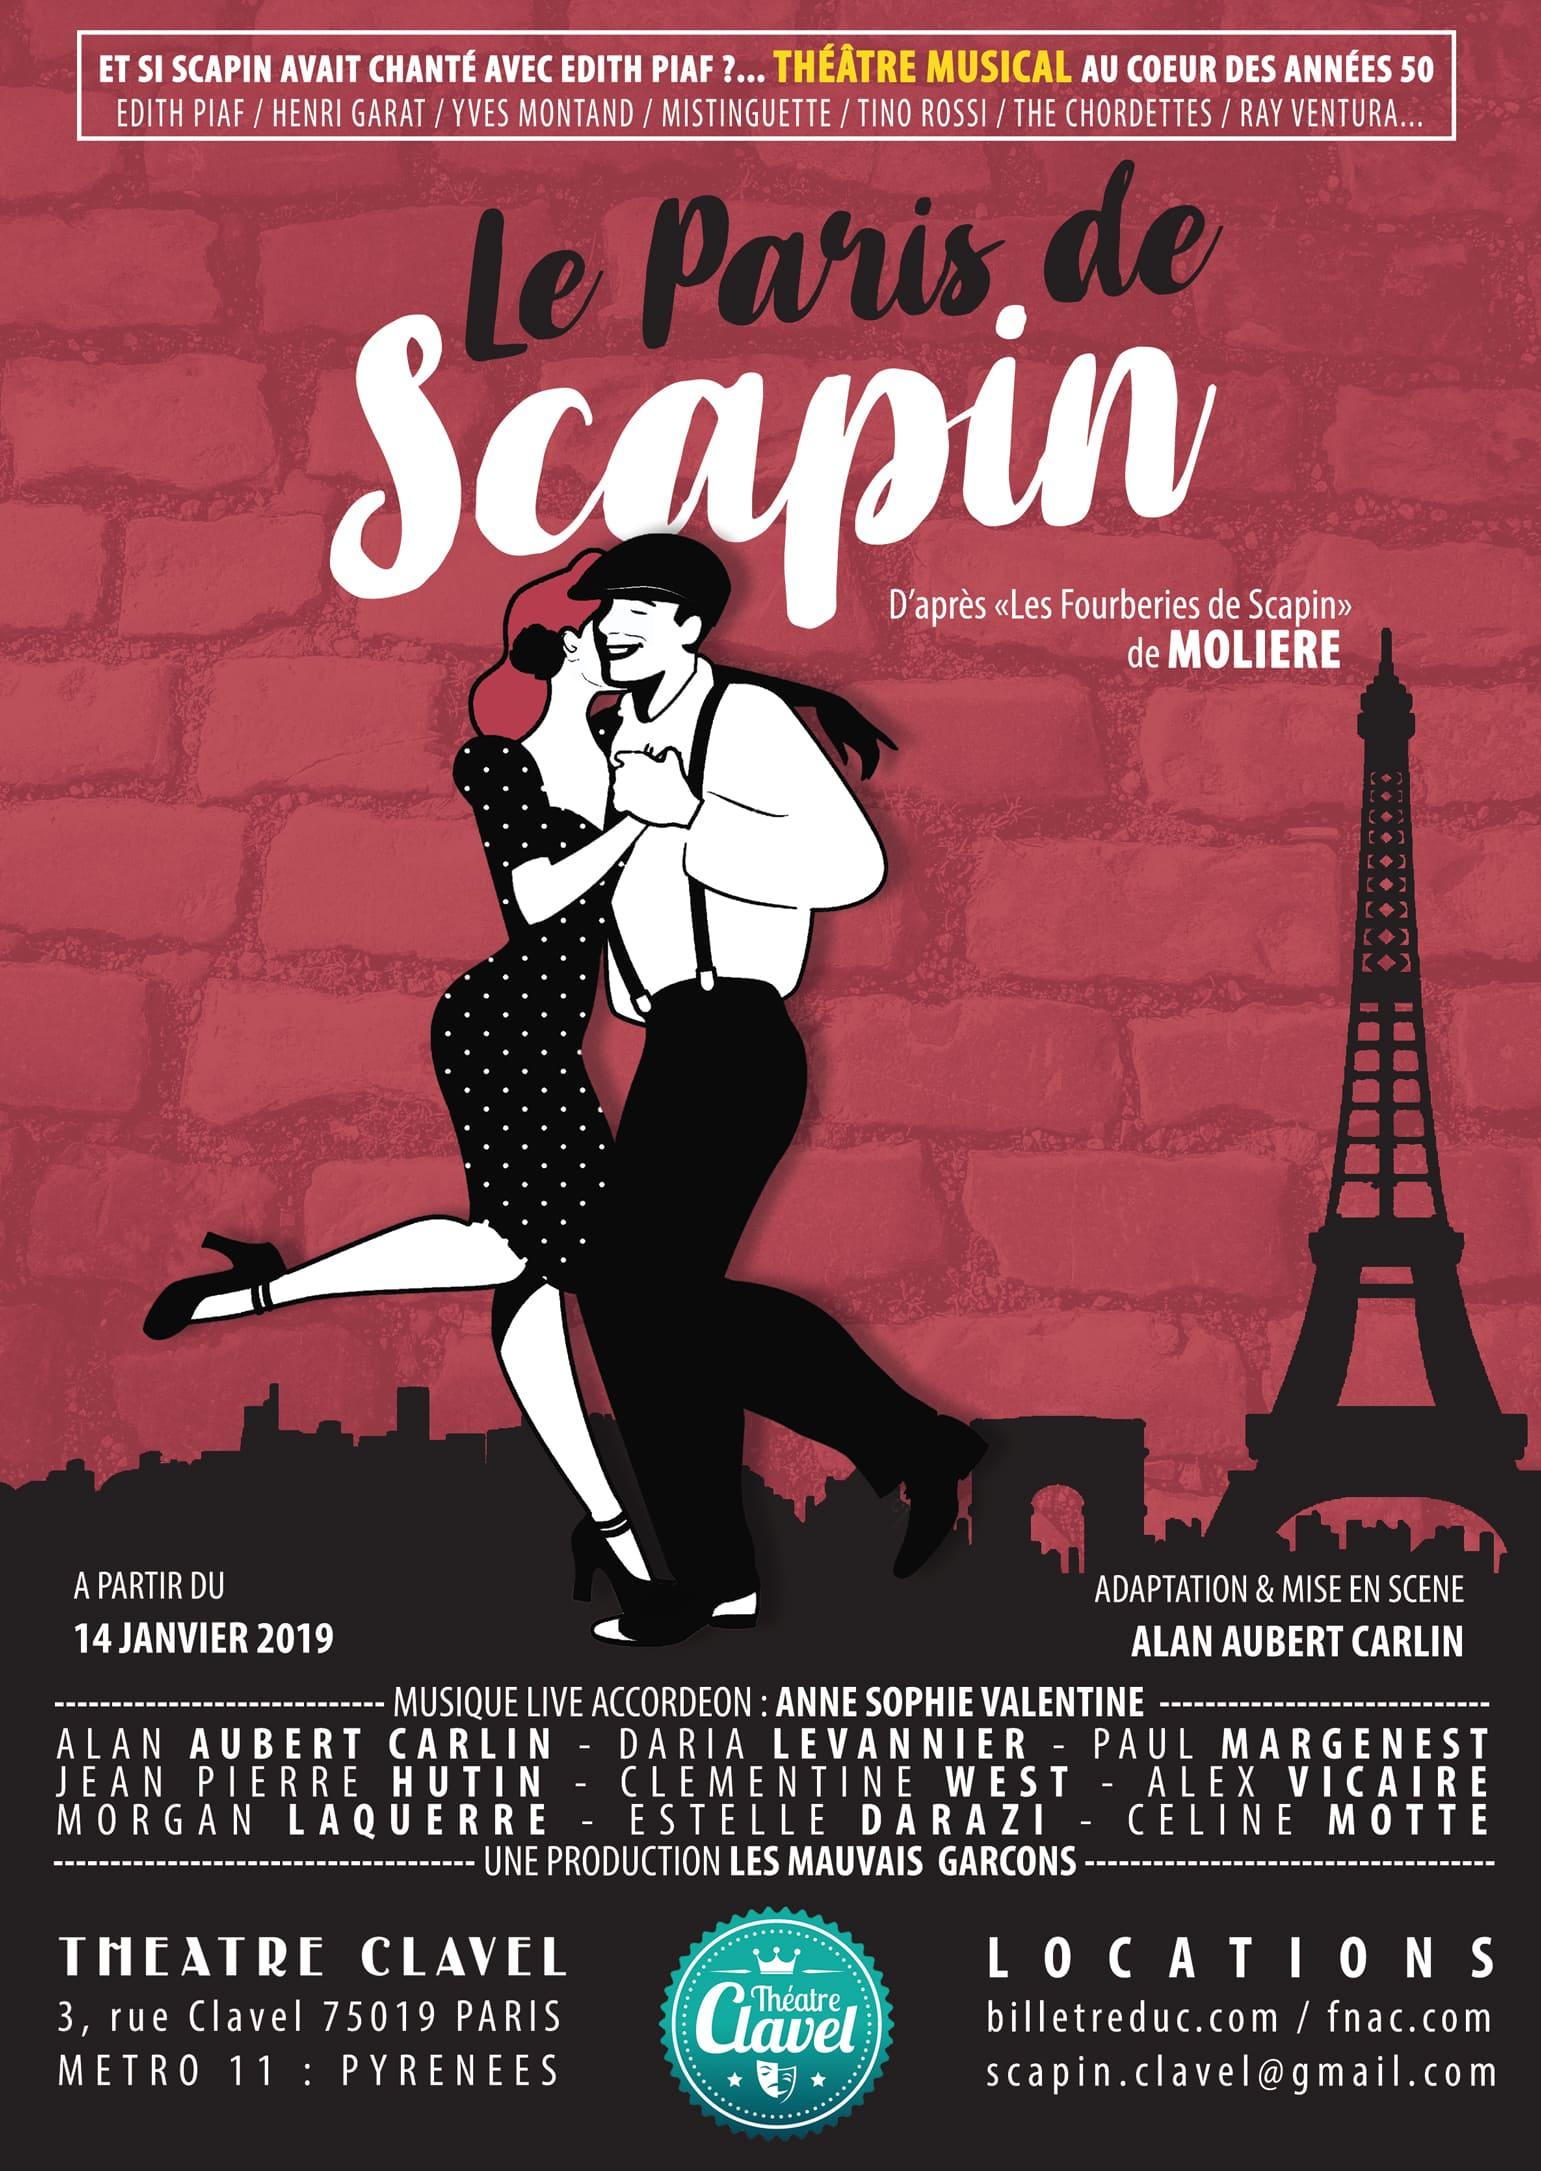 Le Paris de Scapin par Alan Aubert Carlin affiche Théâtre Clavel Molière